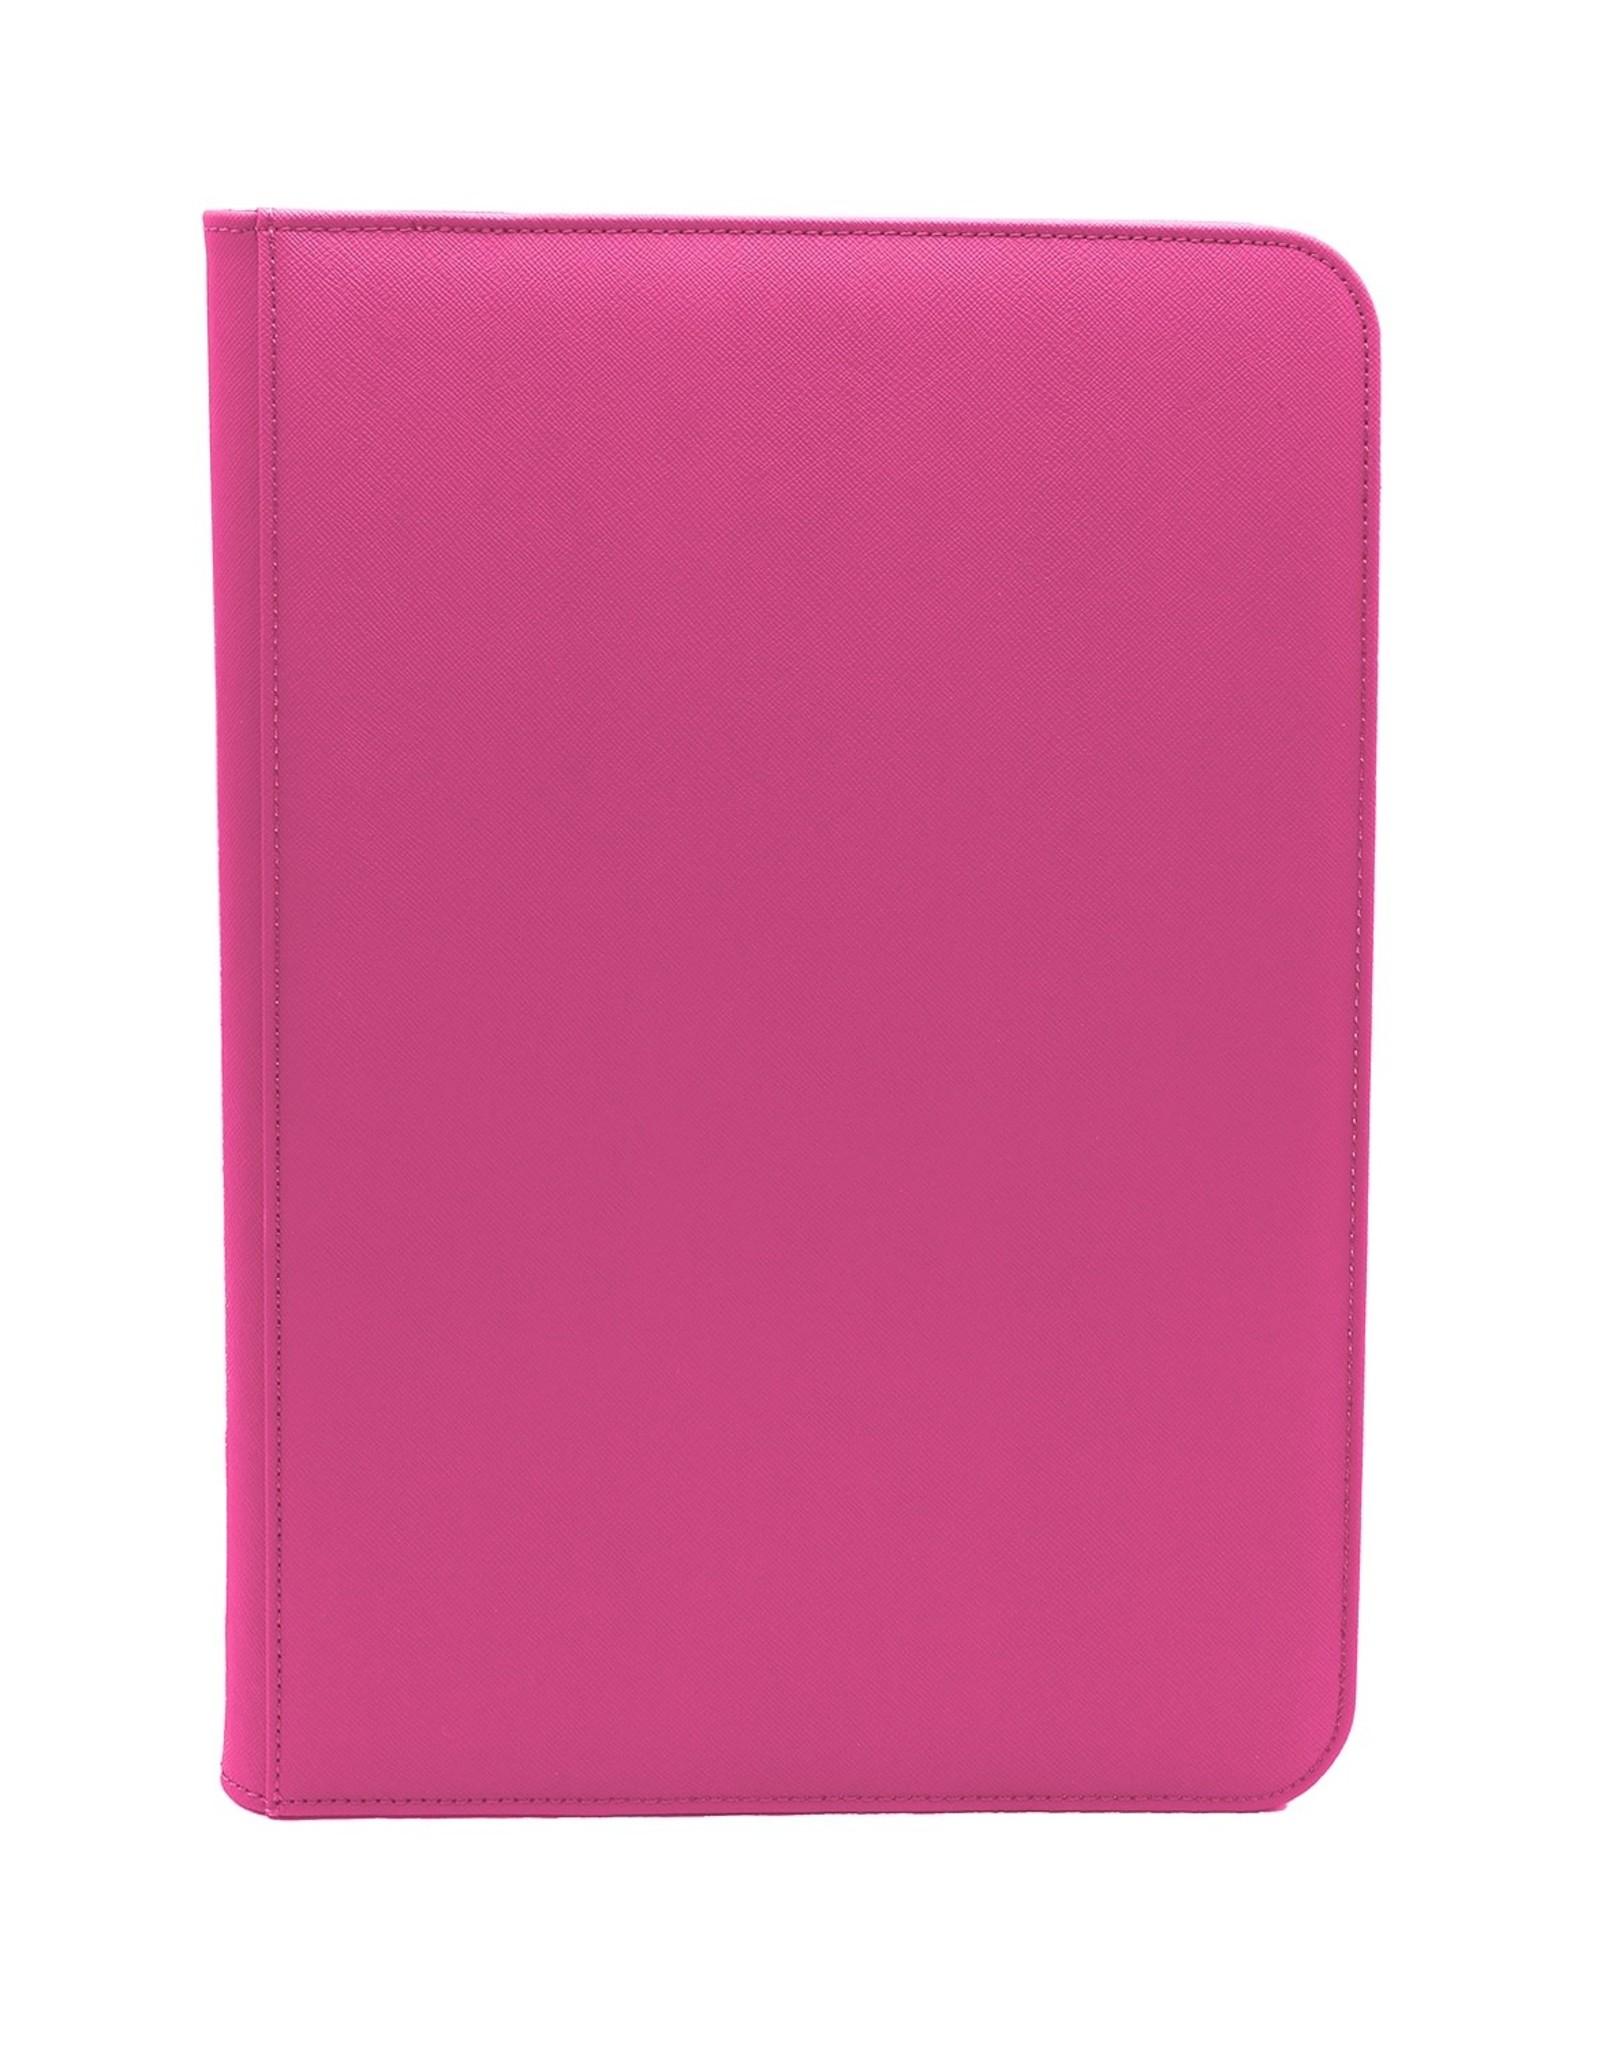 Dex Binder 9 Pink